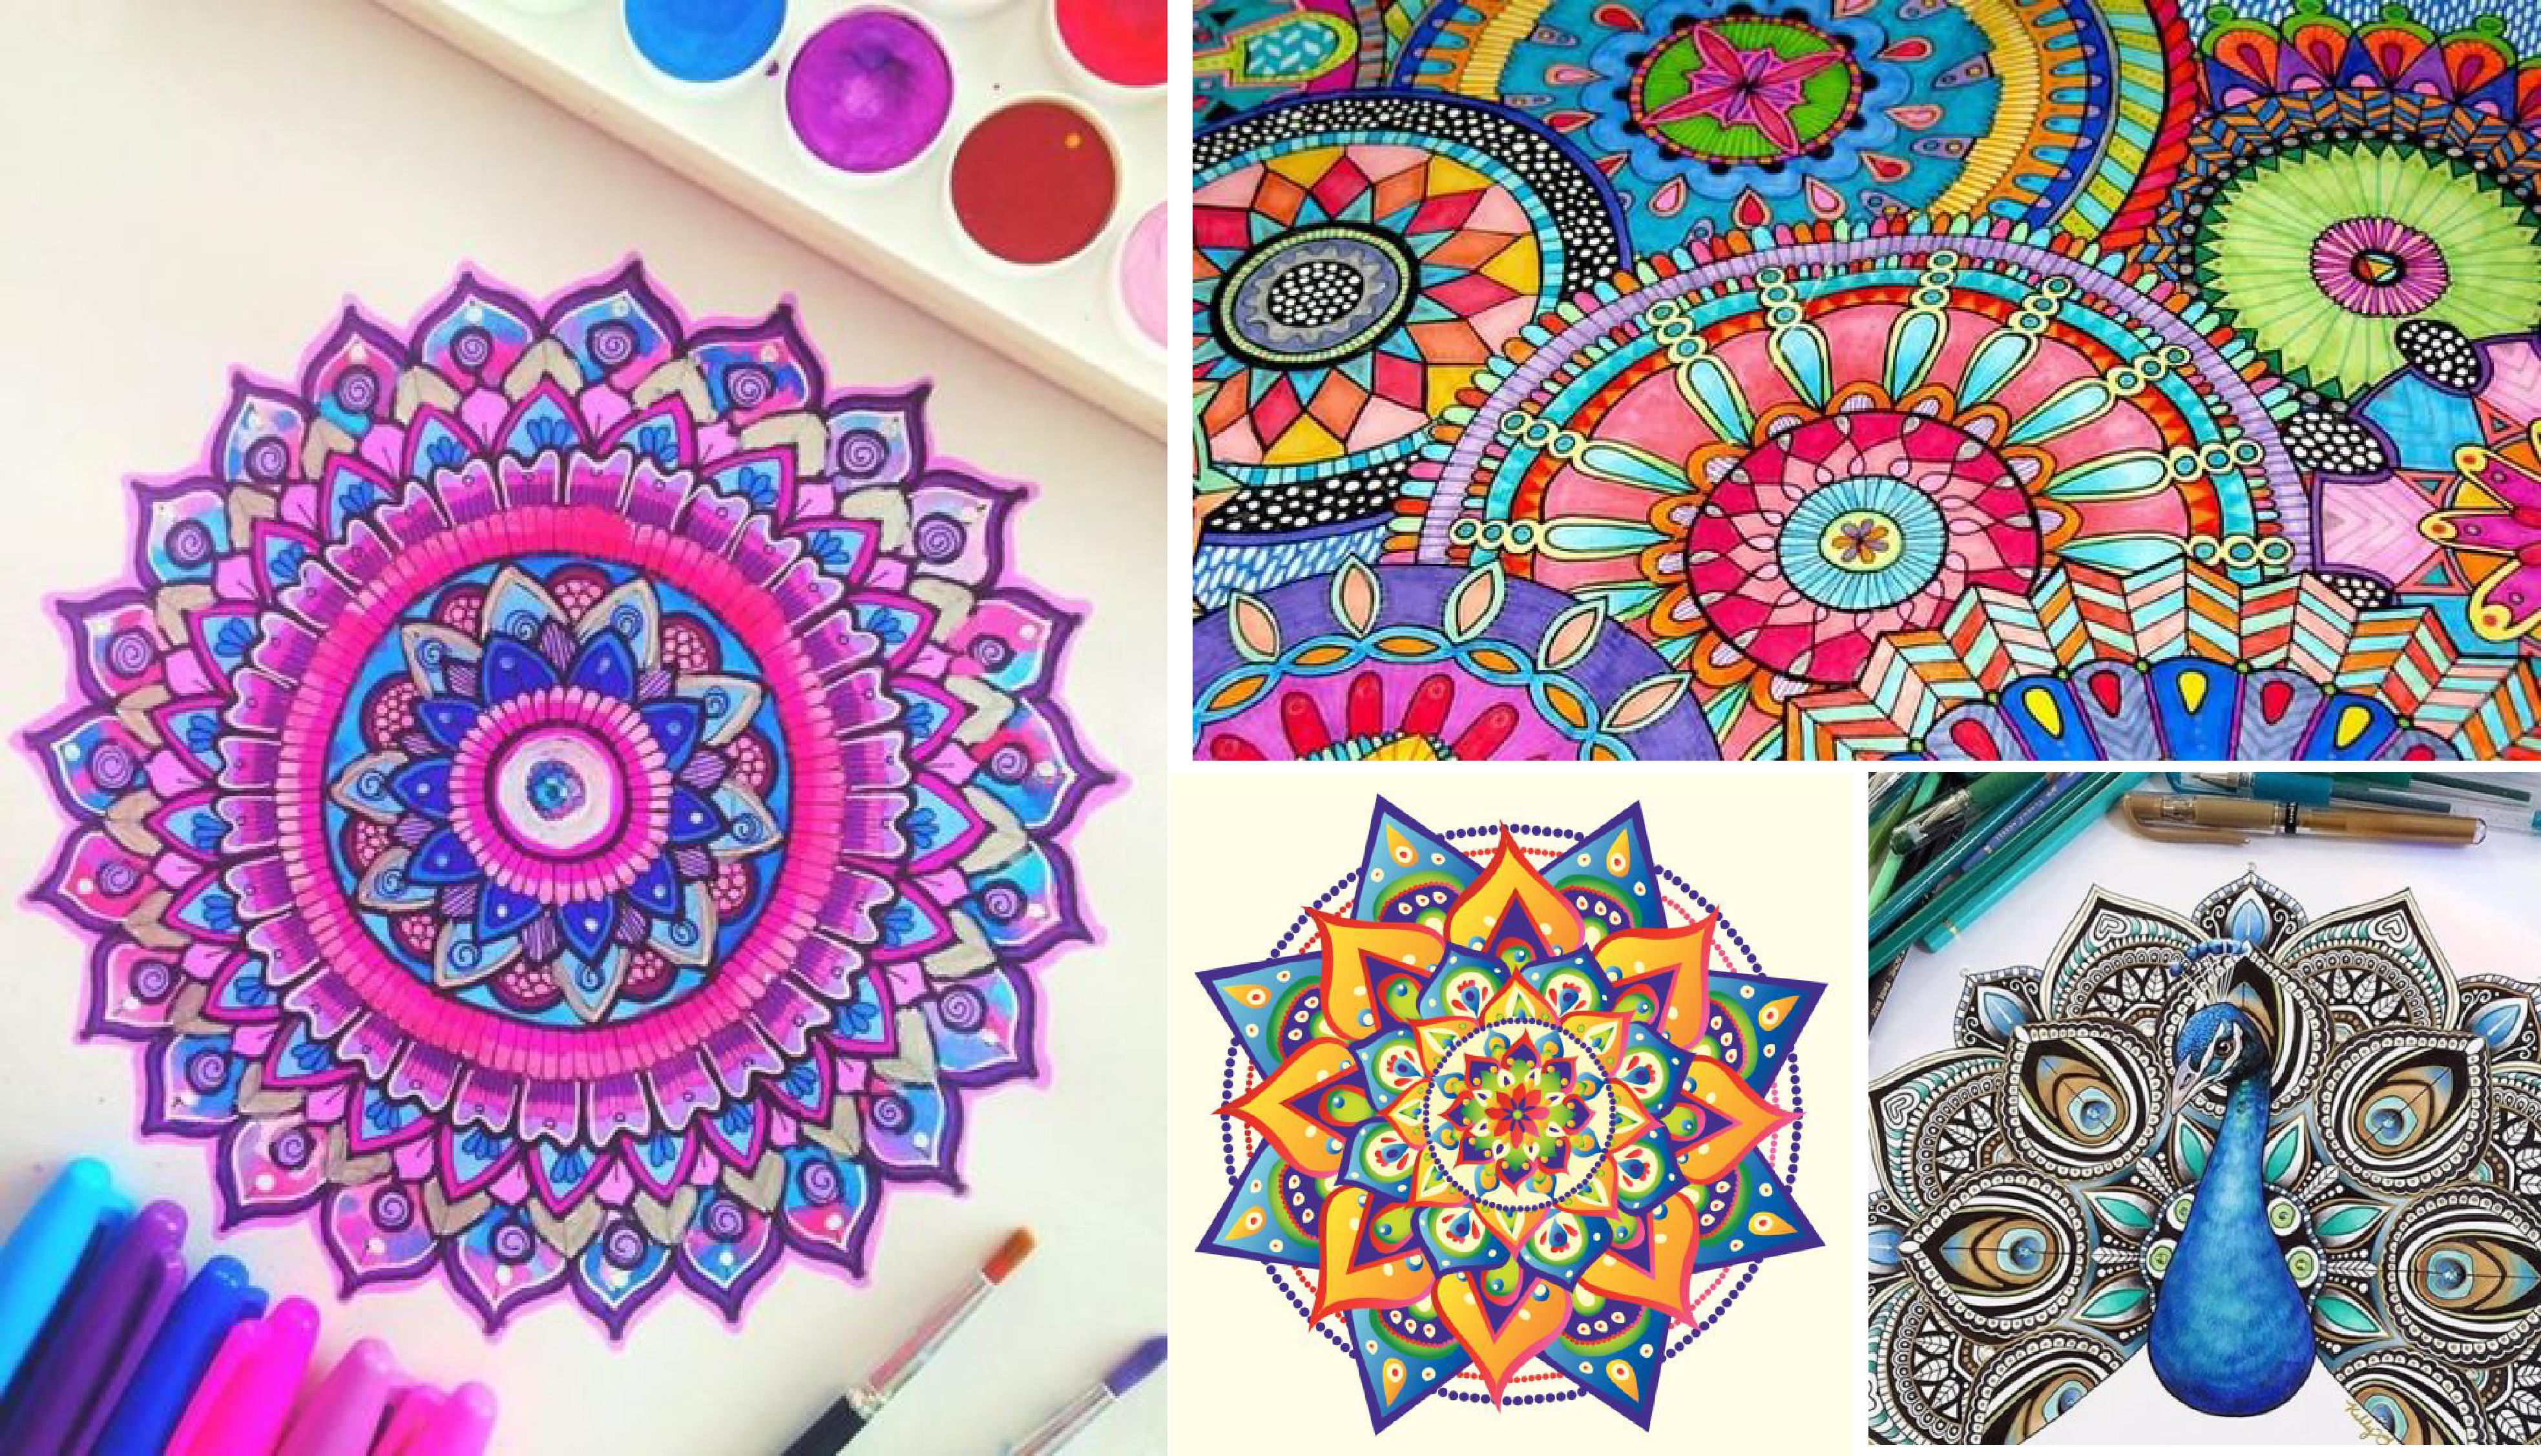 Colorear Mandalas Mandalas Dibujos Para Colorear Mandalas: MANDALAS De Unicornios🦄 Kawaii Para Imprimir Y Colorear.[2018]